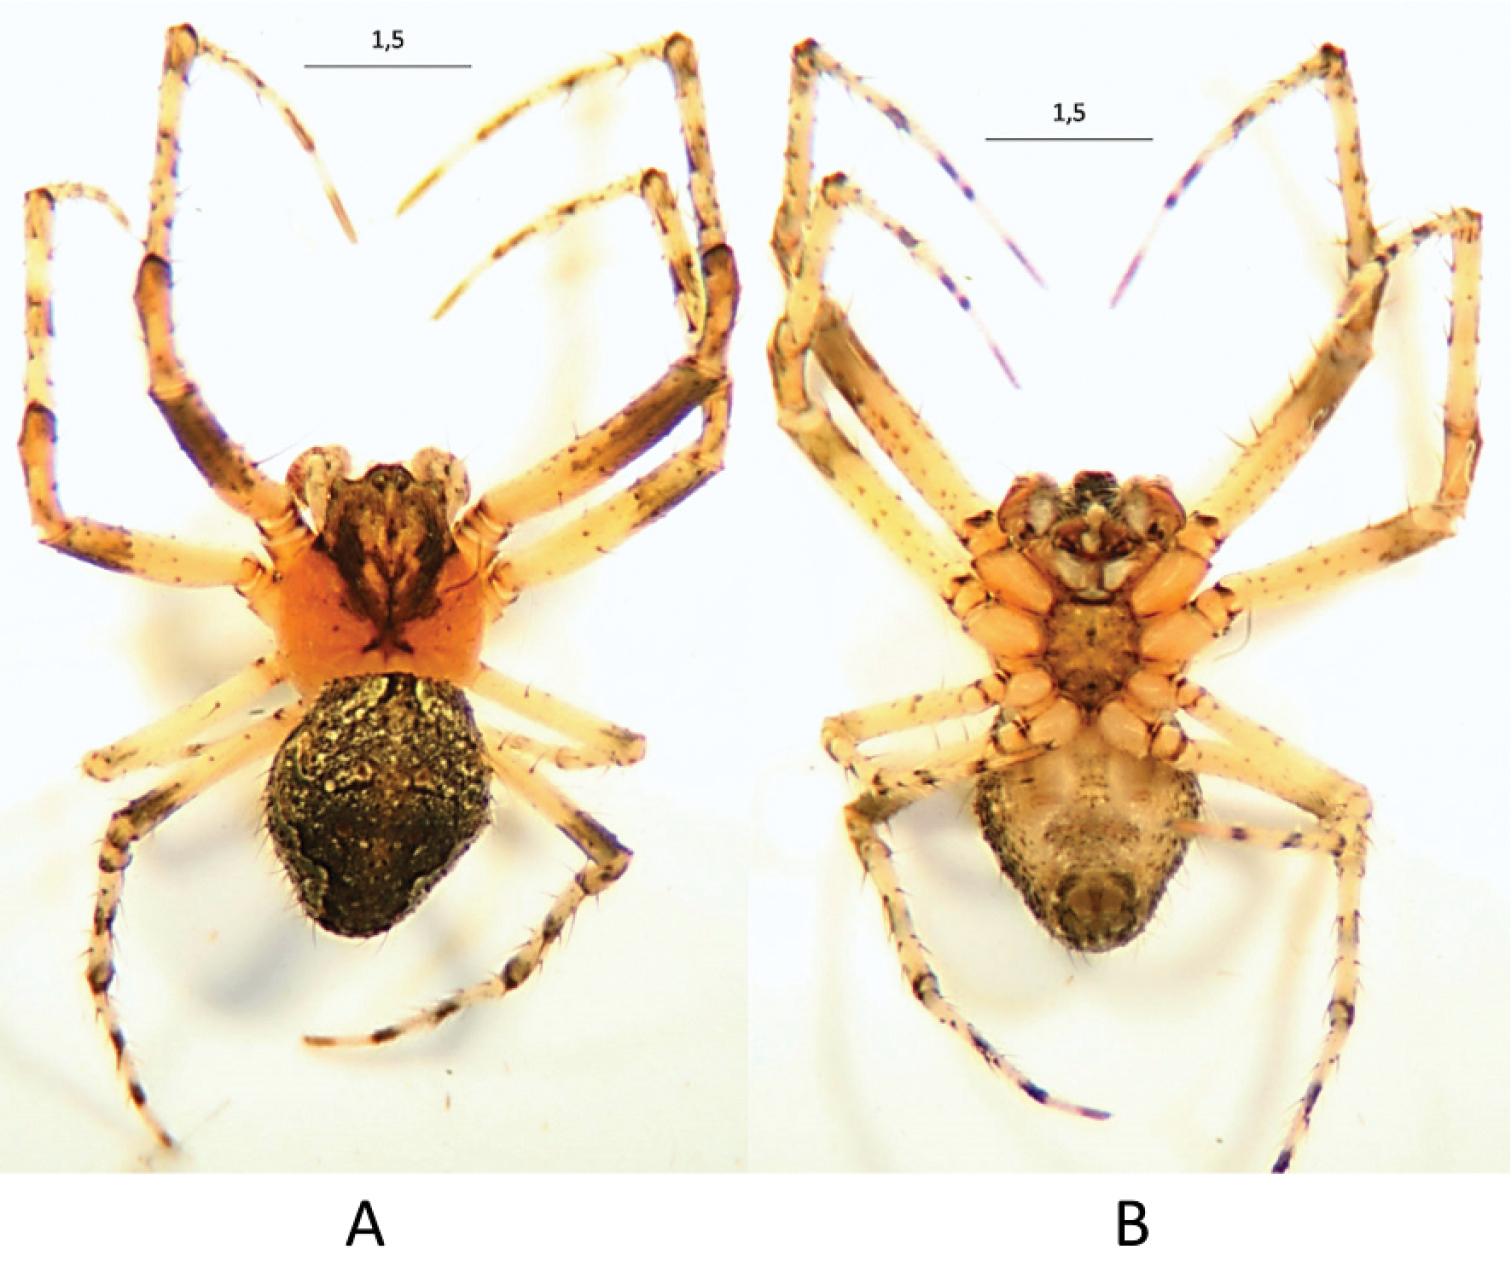 Новый вид паука был случайно обнаружен испанскими биологами